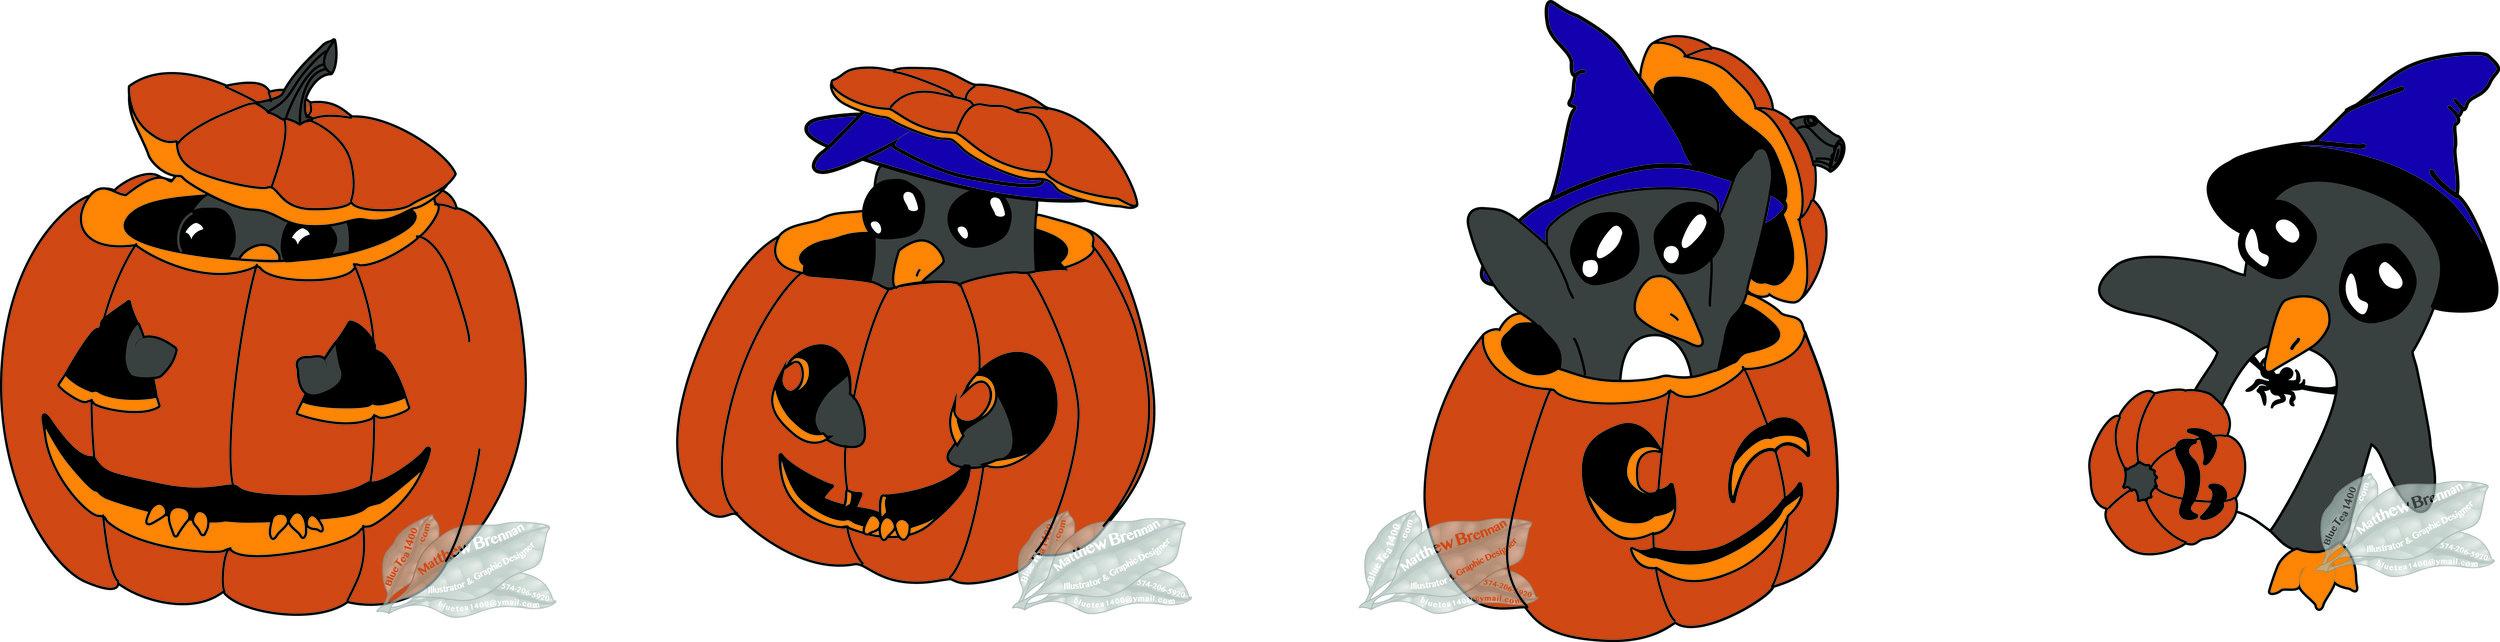 pumpkinPenguinsInLine.jpg